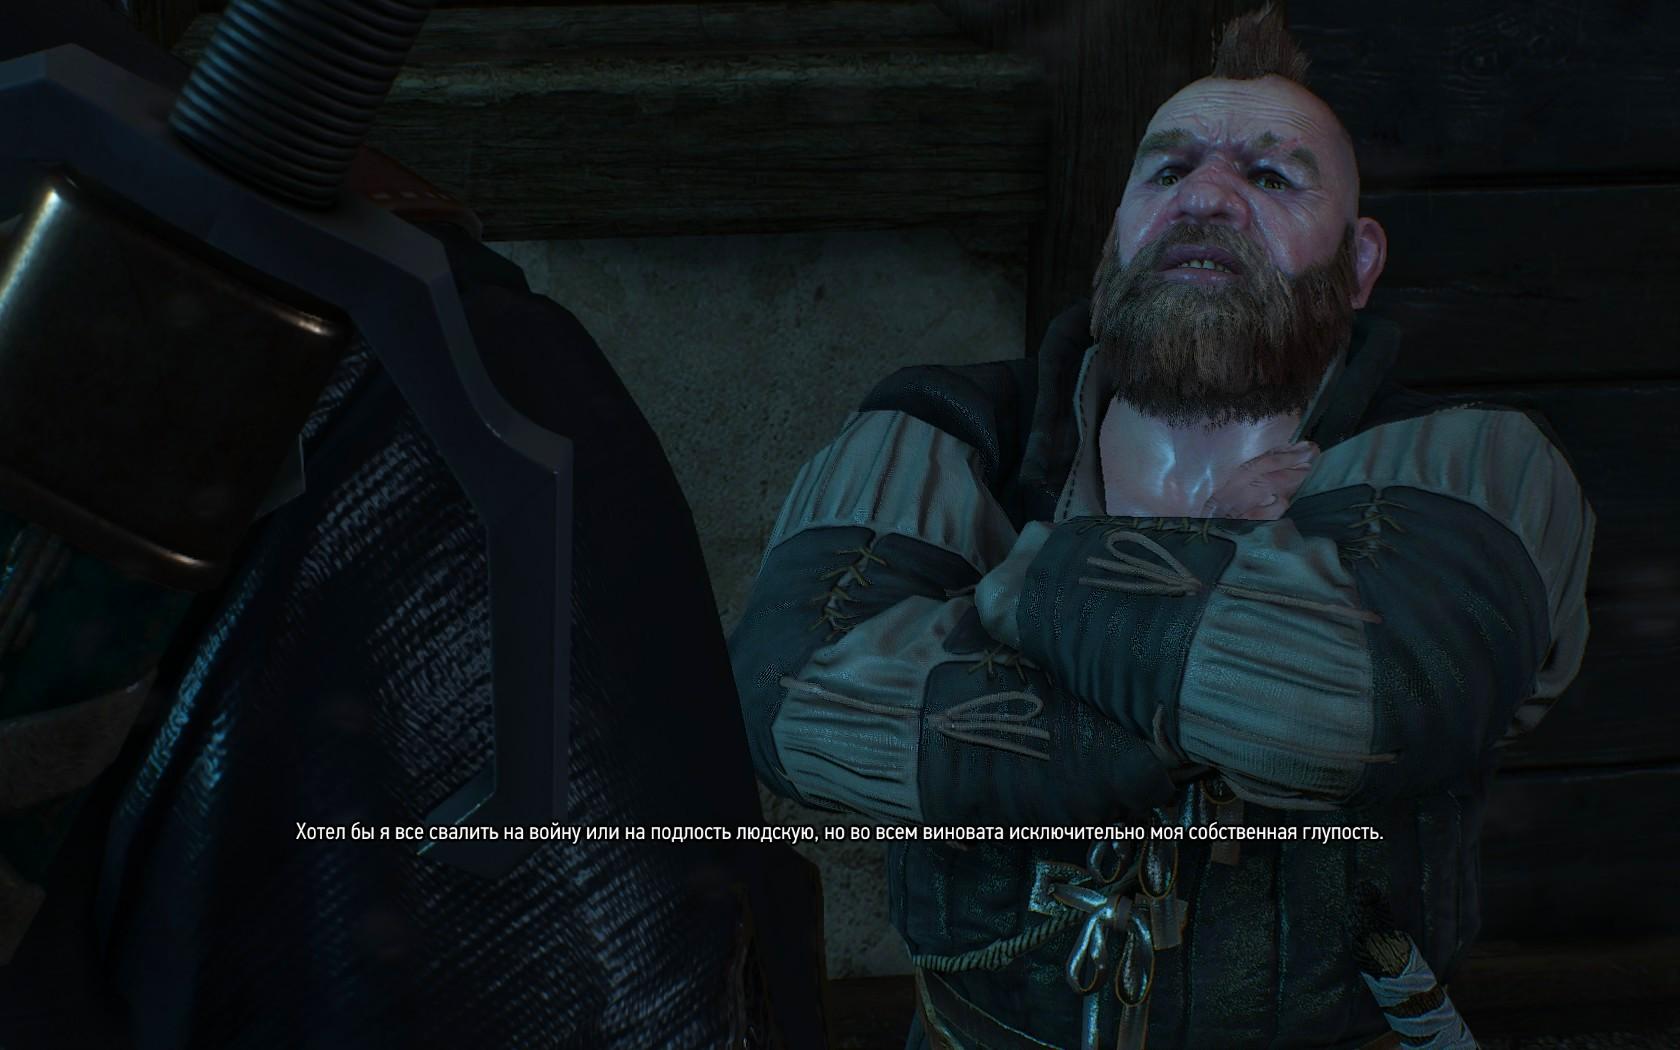 Золтан как бы намекает нам, на источник случающихся порой проблем - Witcher 3: Wild Hunt, the